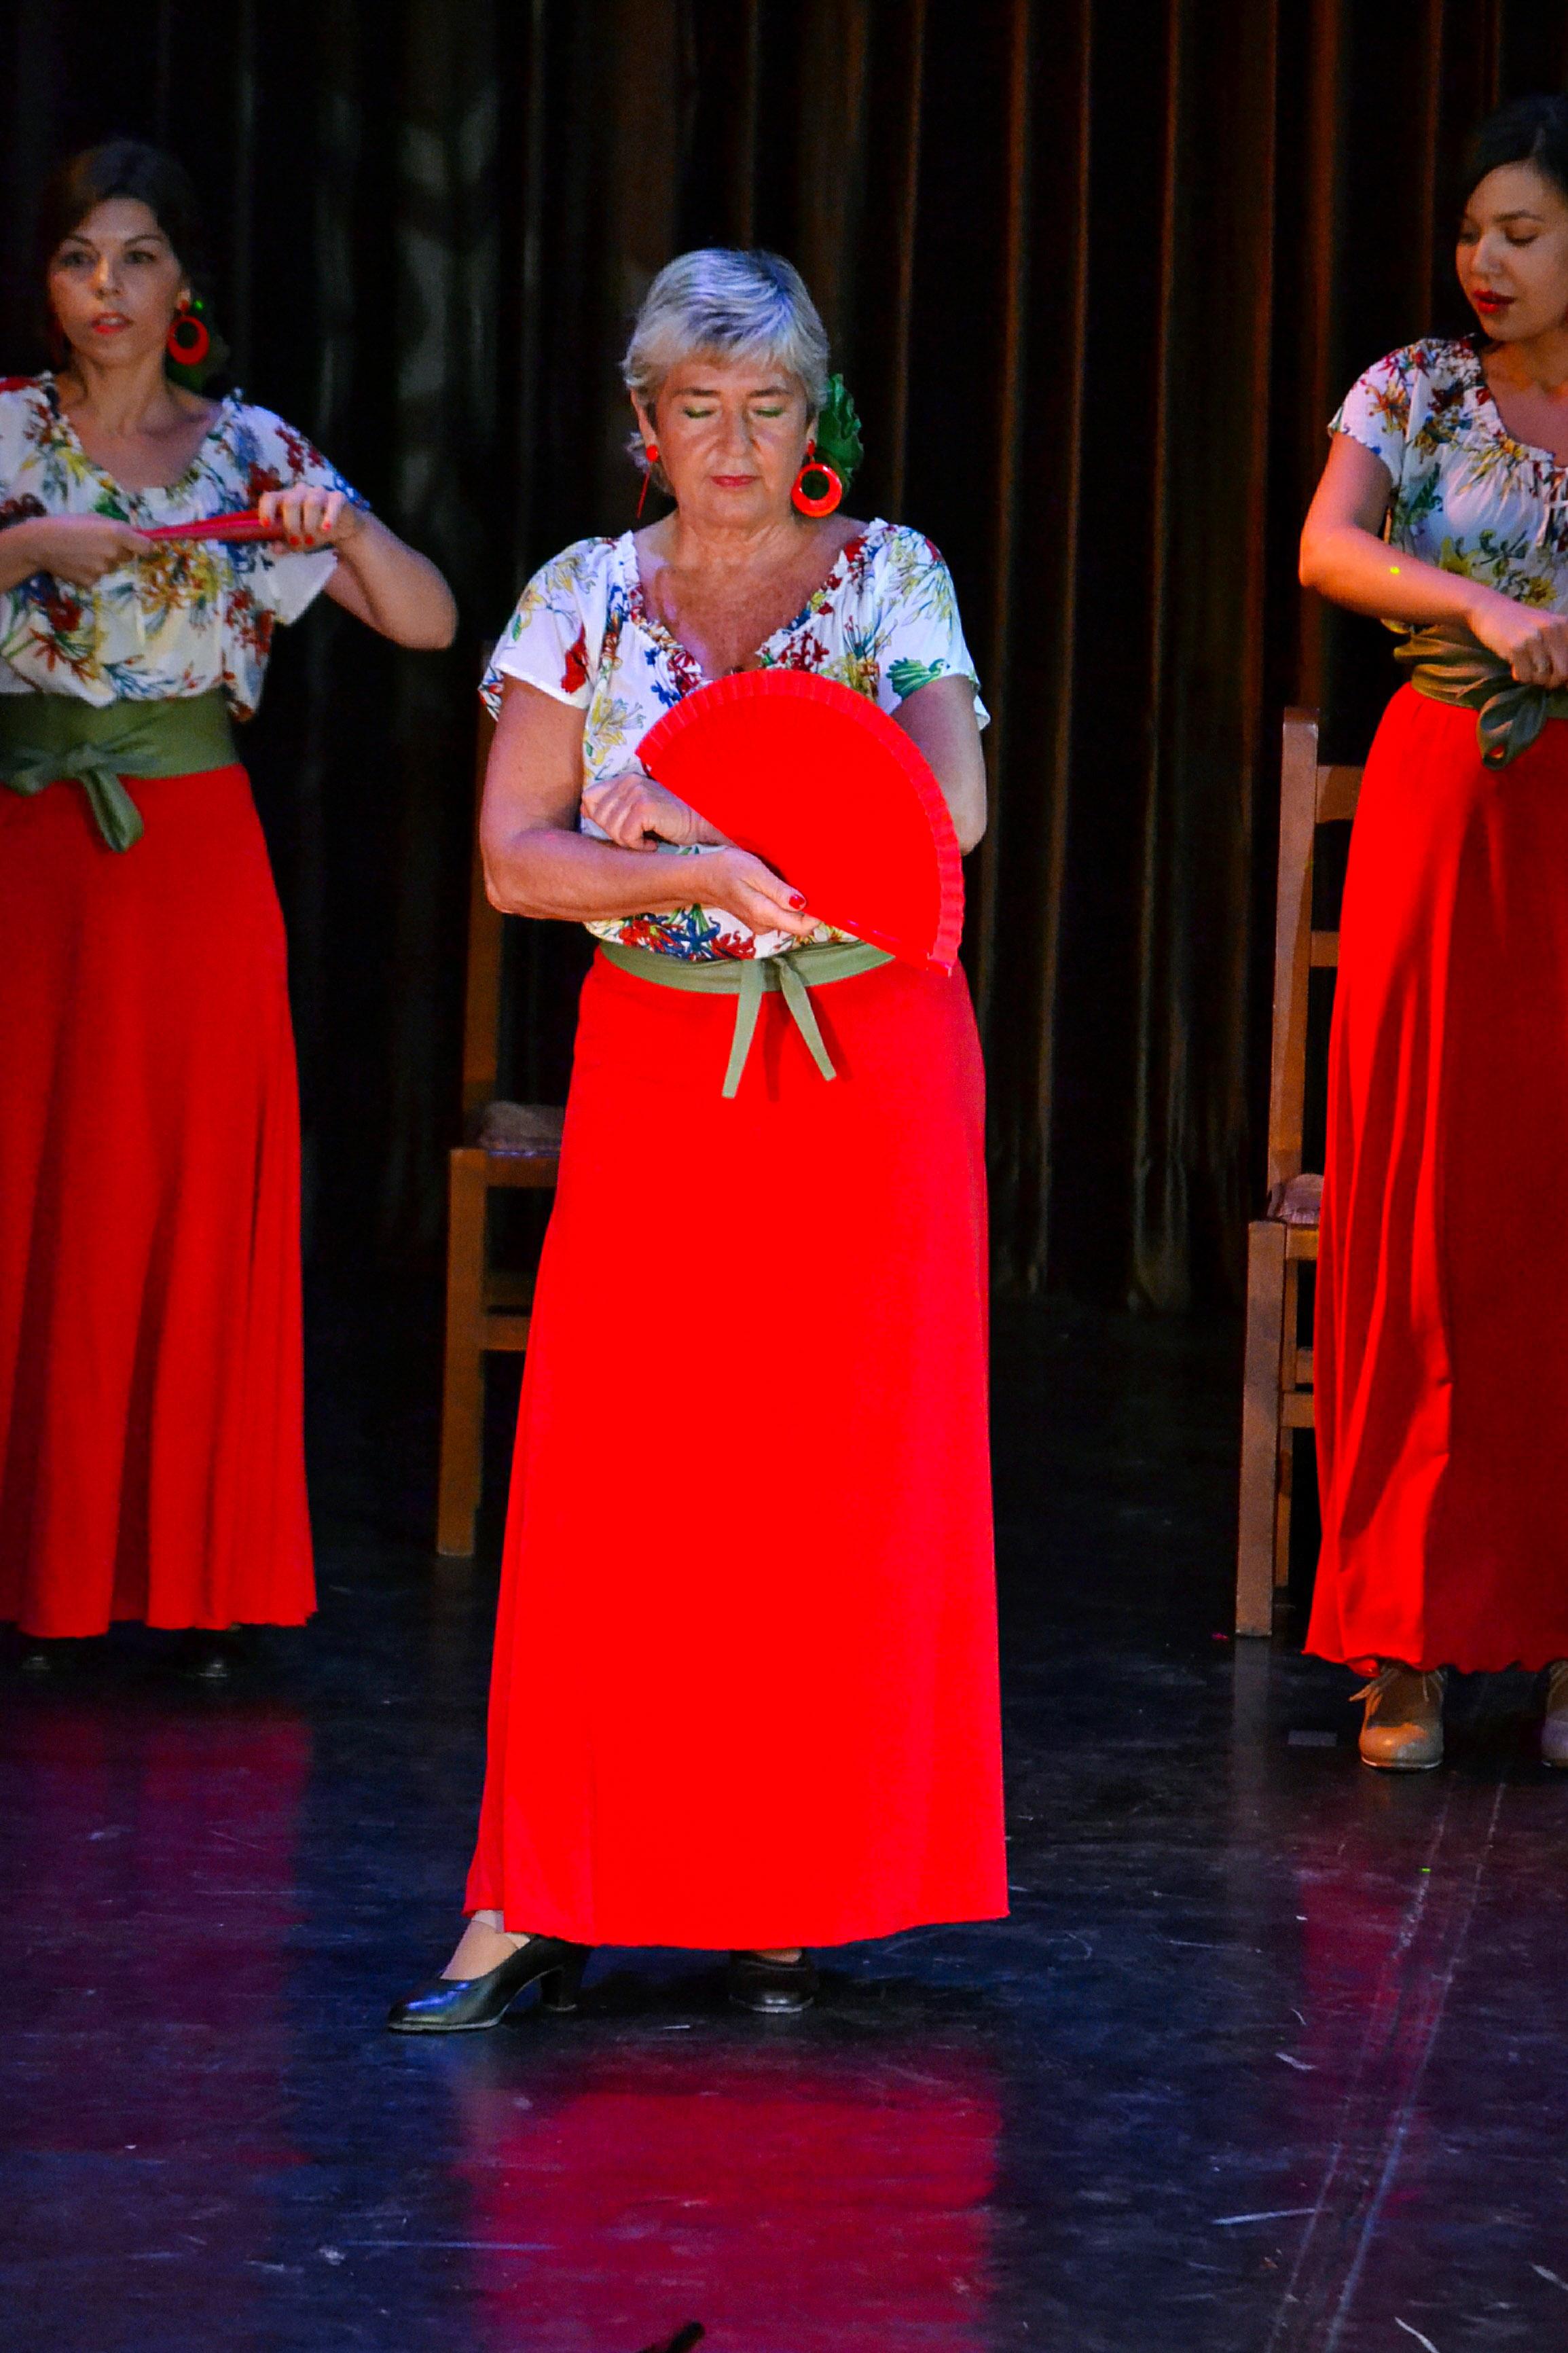 Linea-de-Baile-festival-verano-2015-clases-de-baile-valencia-141